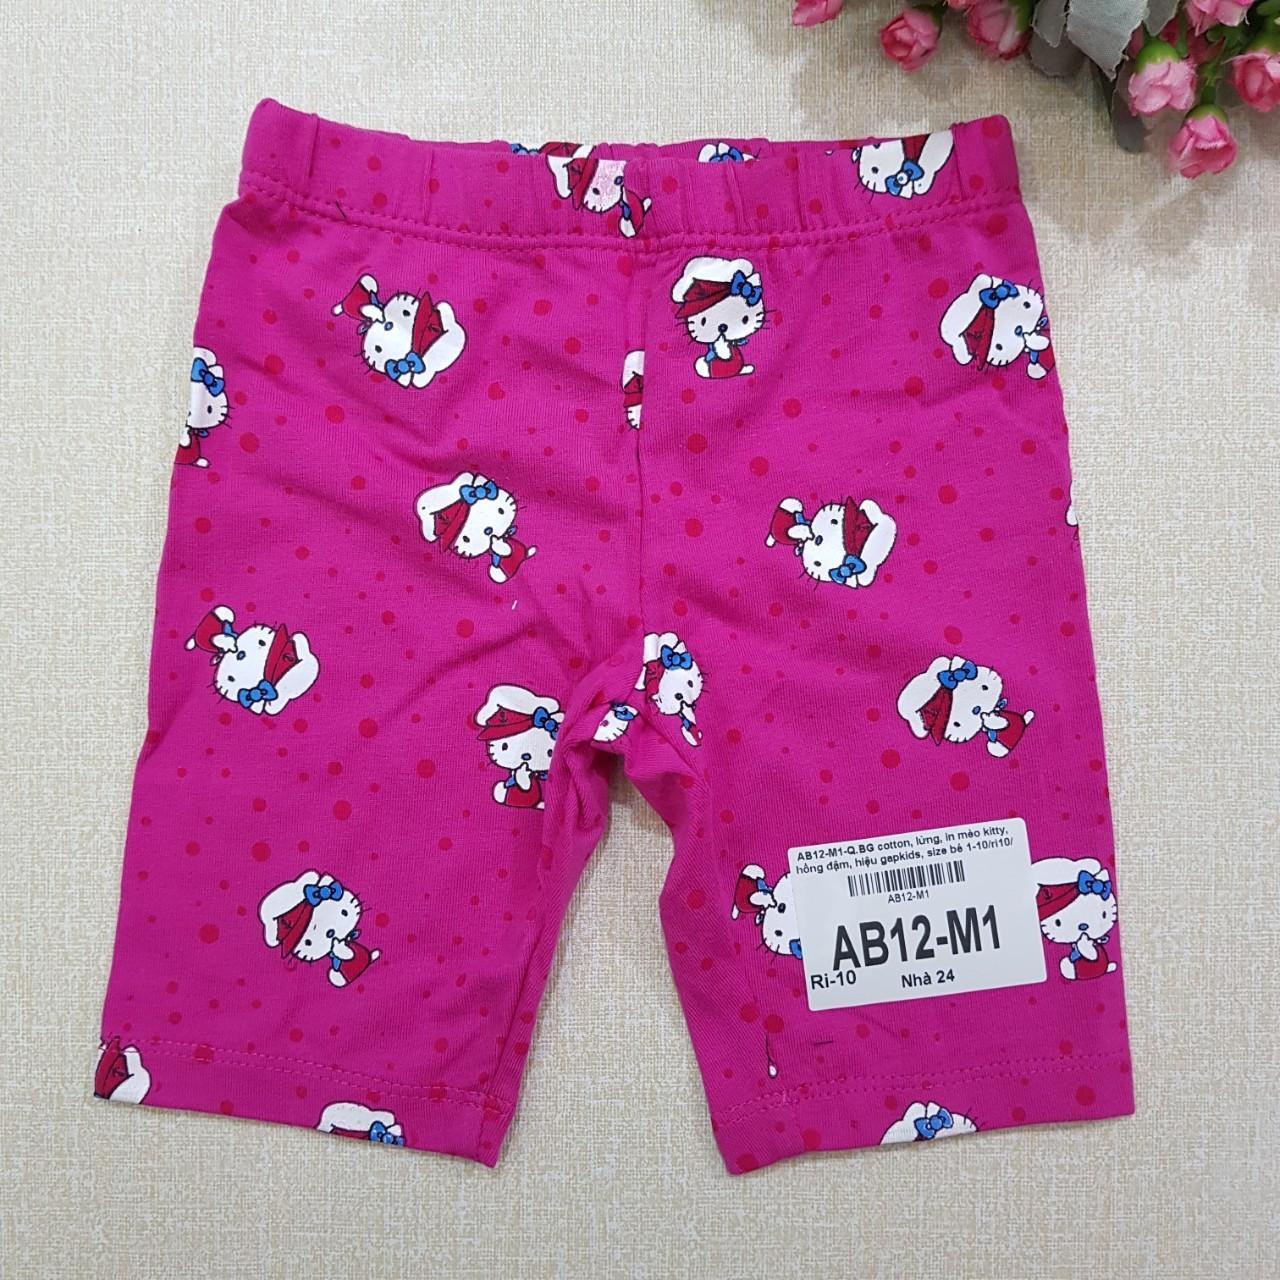 AB12-M1-  Quần bé gái, cotton, lửng, in mèo kitty,  hồng đậm, hiệu gapkids, size bé 1-10/ri9/